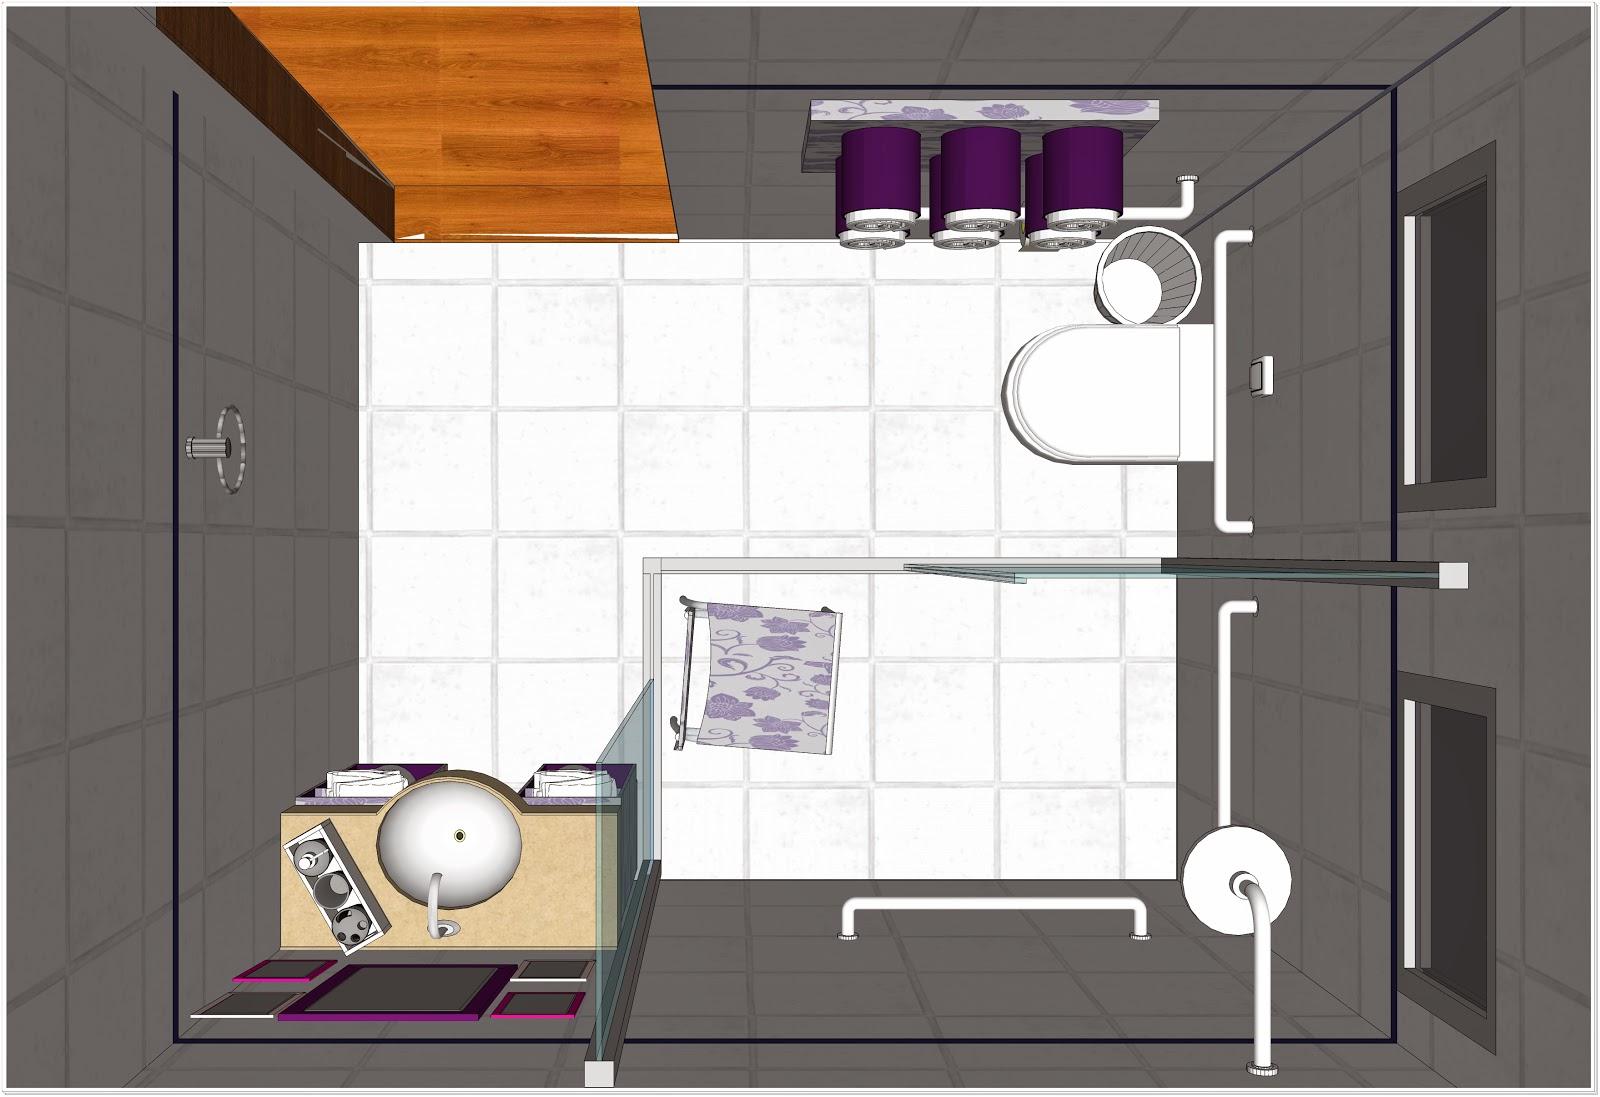 Banheiro para cadeirante DaDoee Projetos #B05E1B 1600 1097